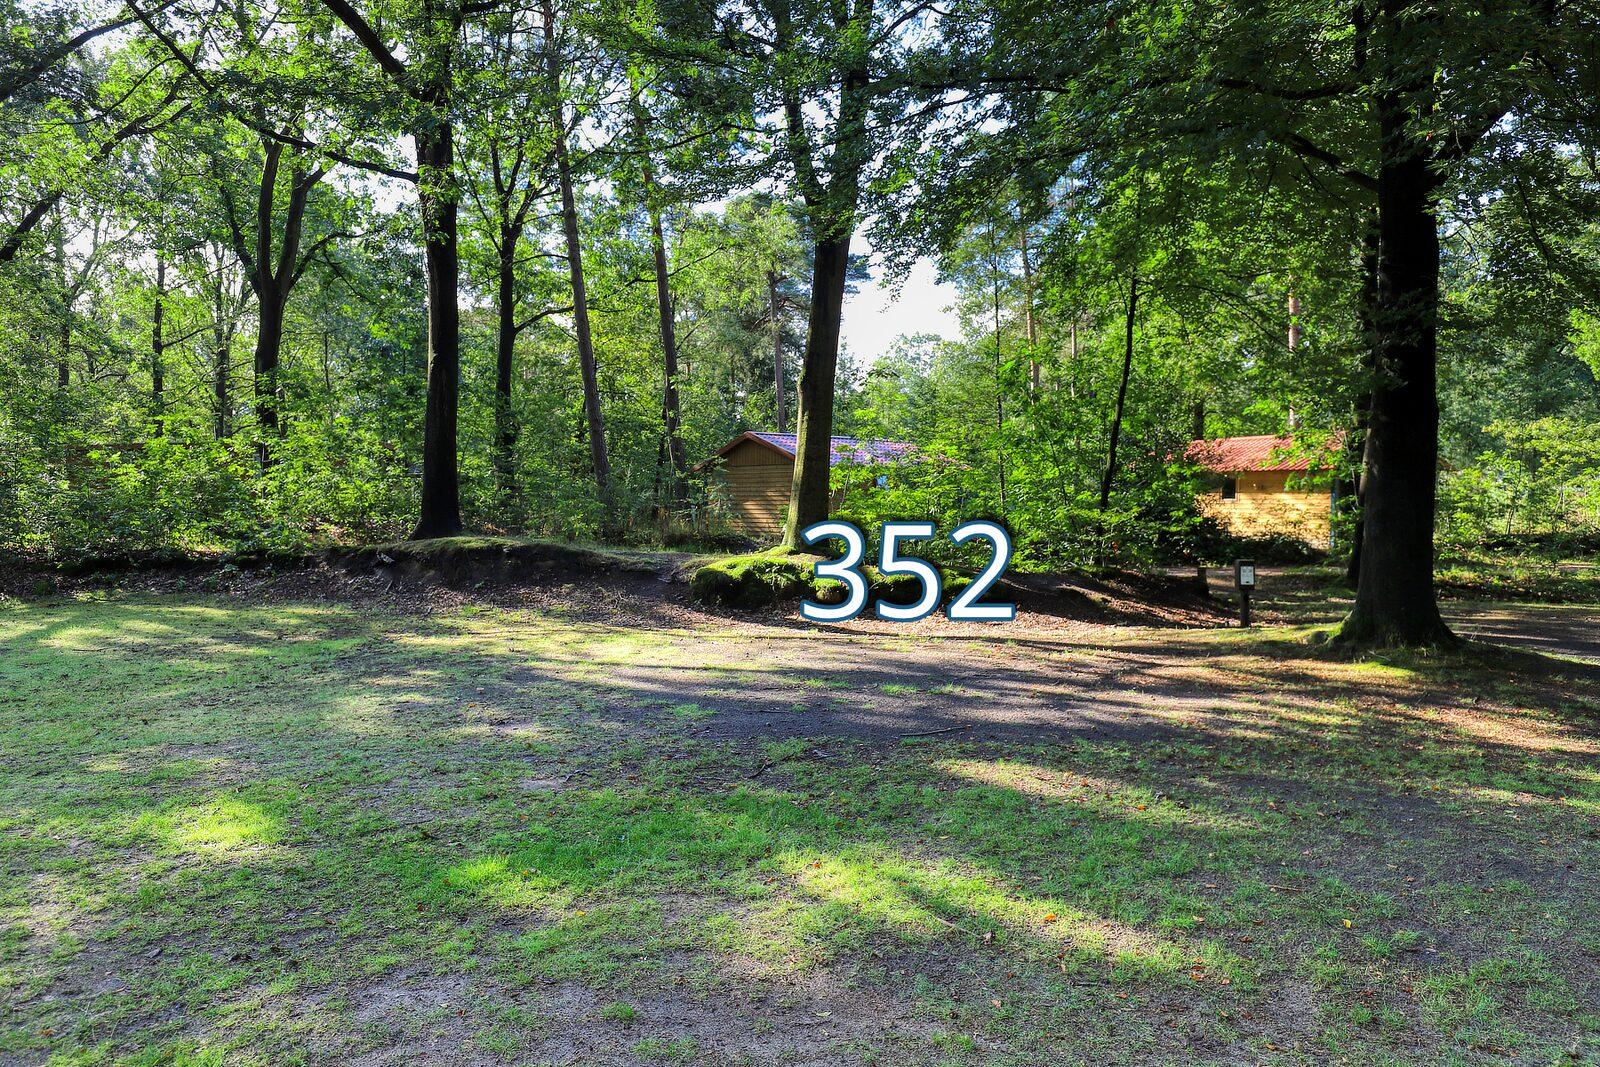 houtduif 352